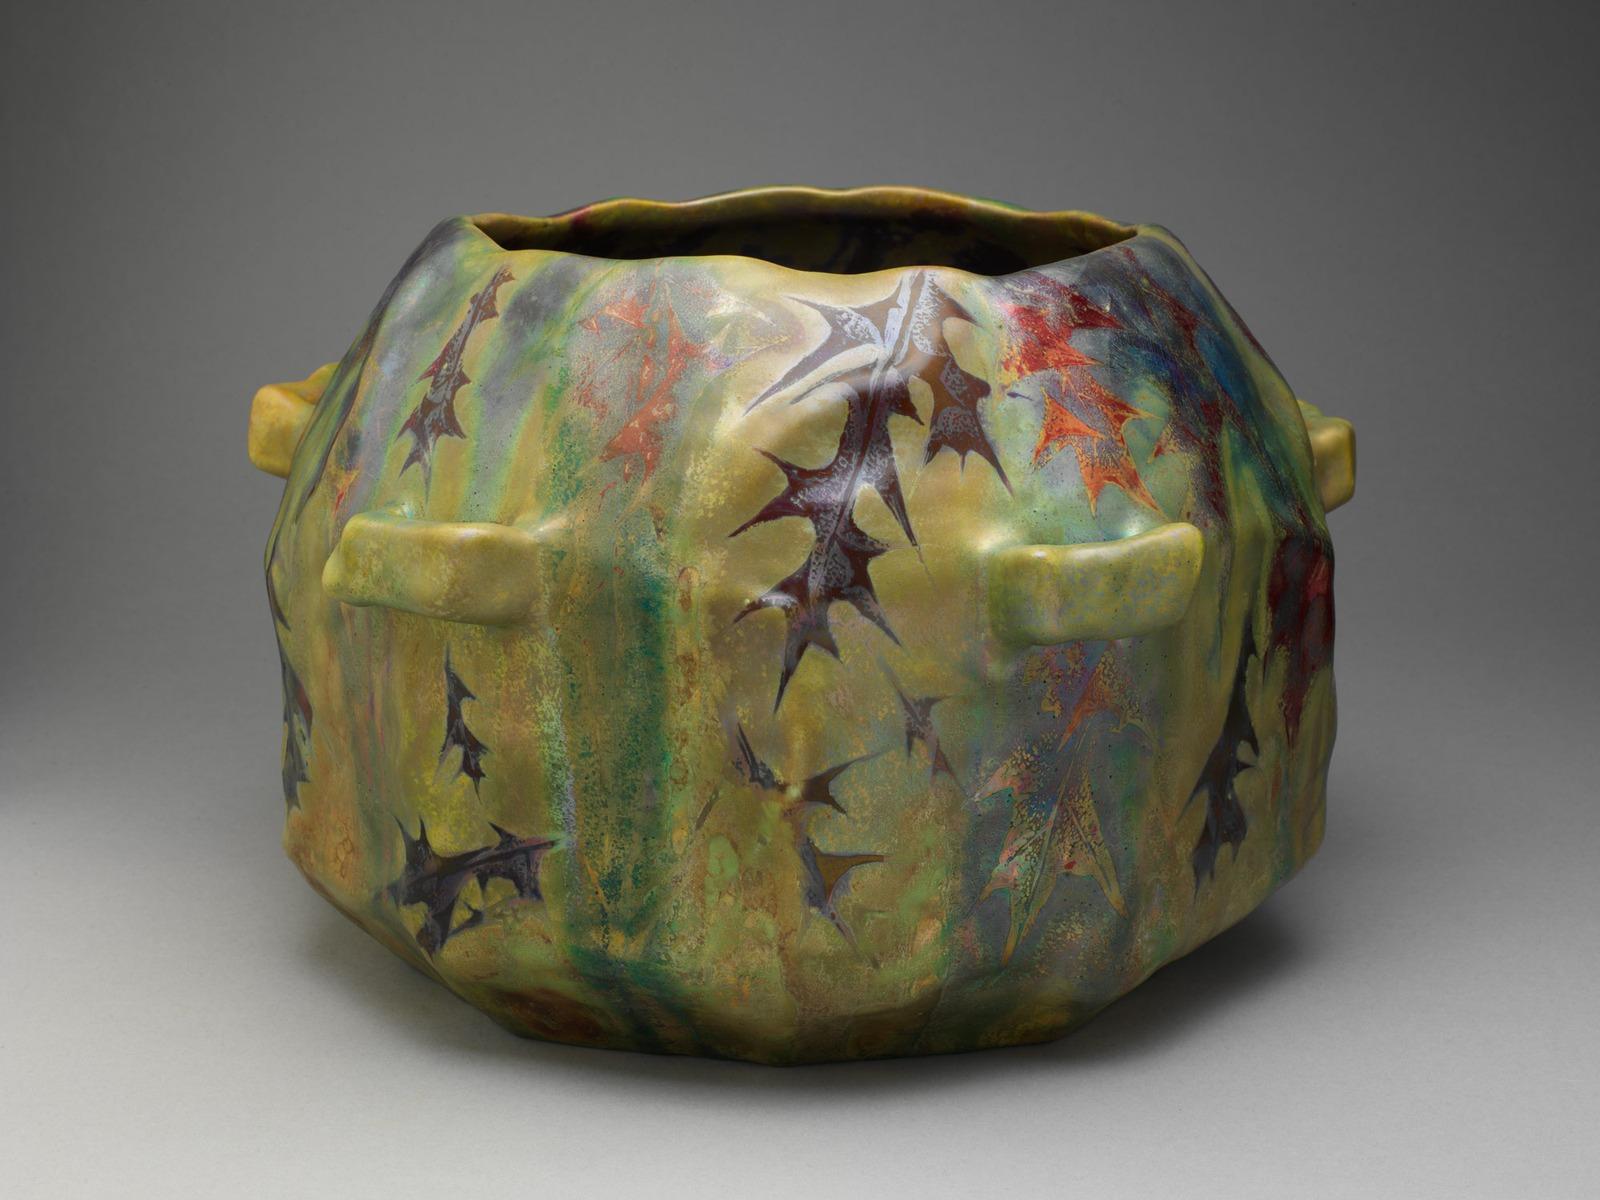 Жардиньерка (Jardiniere)_24.1 х 35.6_керамика с металлической глазурью_Нью-Йорк, Музей Метрополитен.jpg